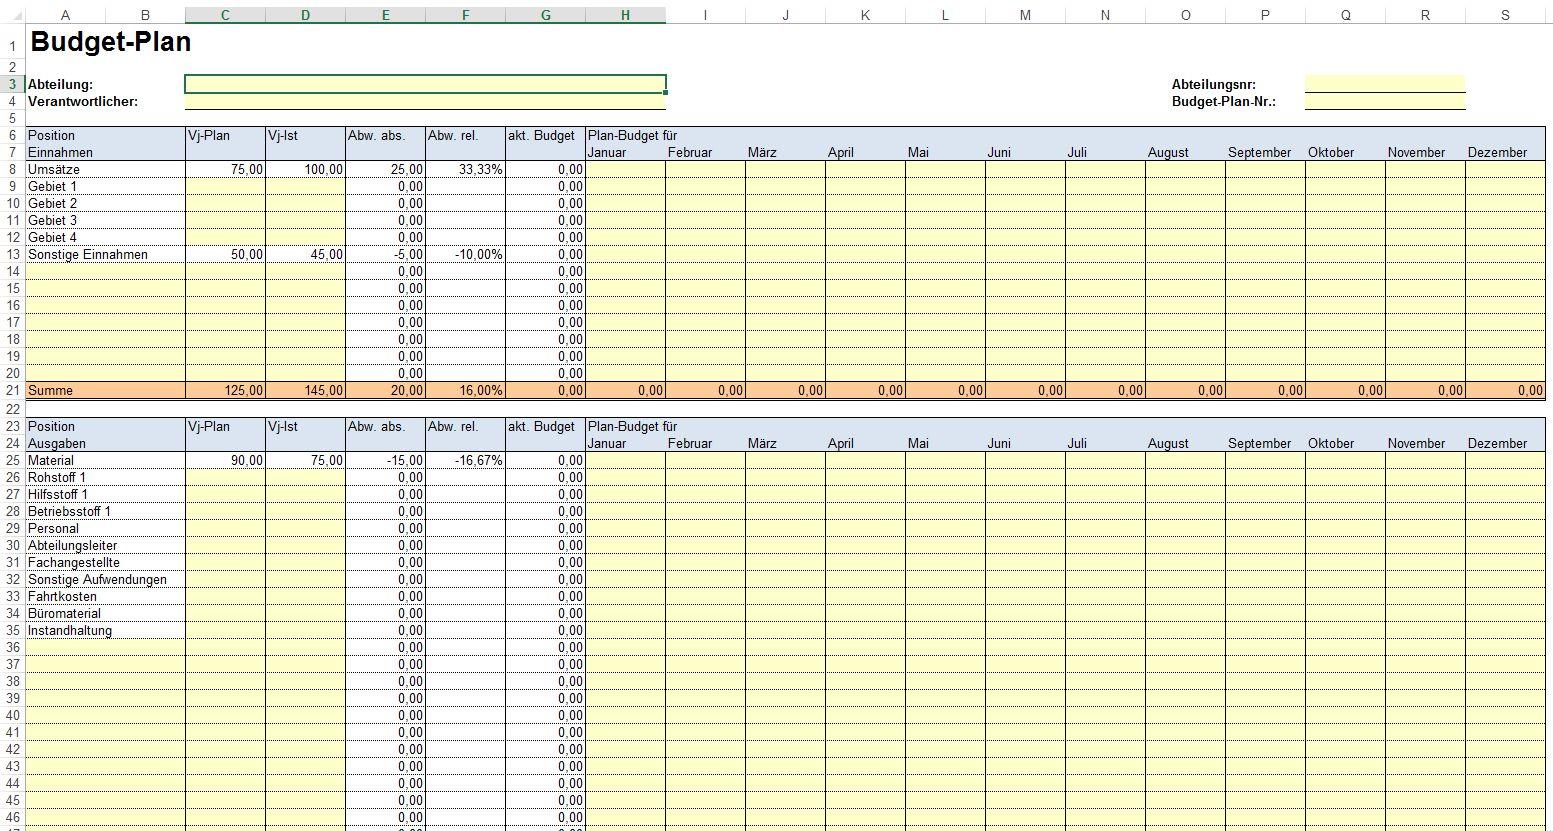 Fantastisch Jahresbudget Excel Vorlage Ideen ...